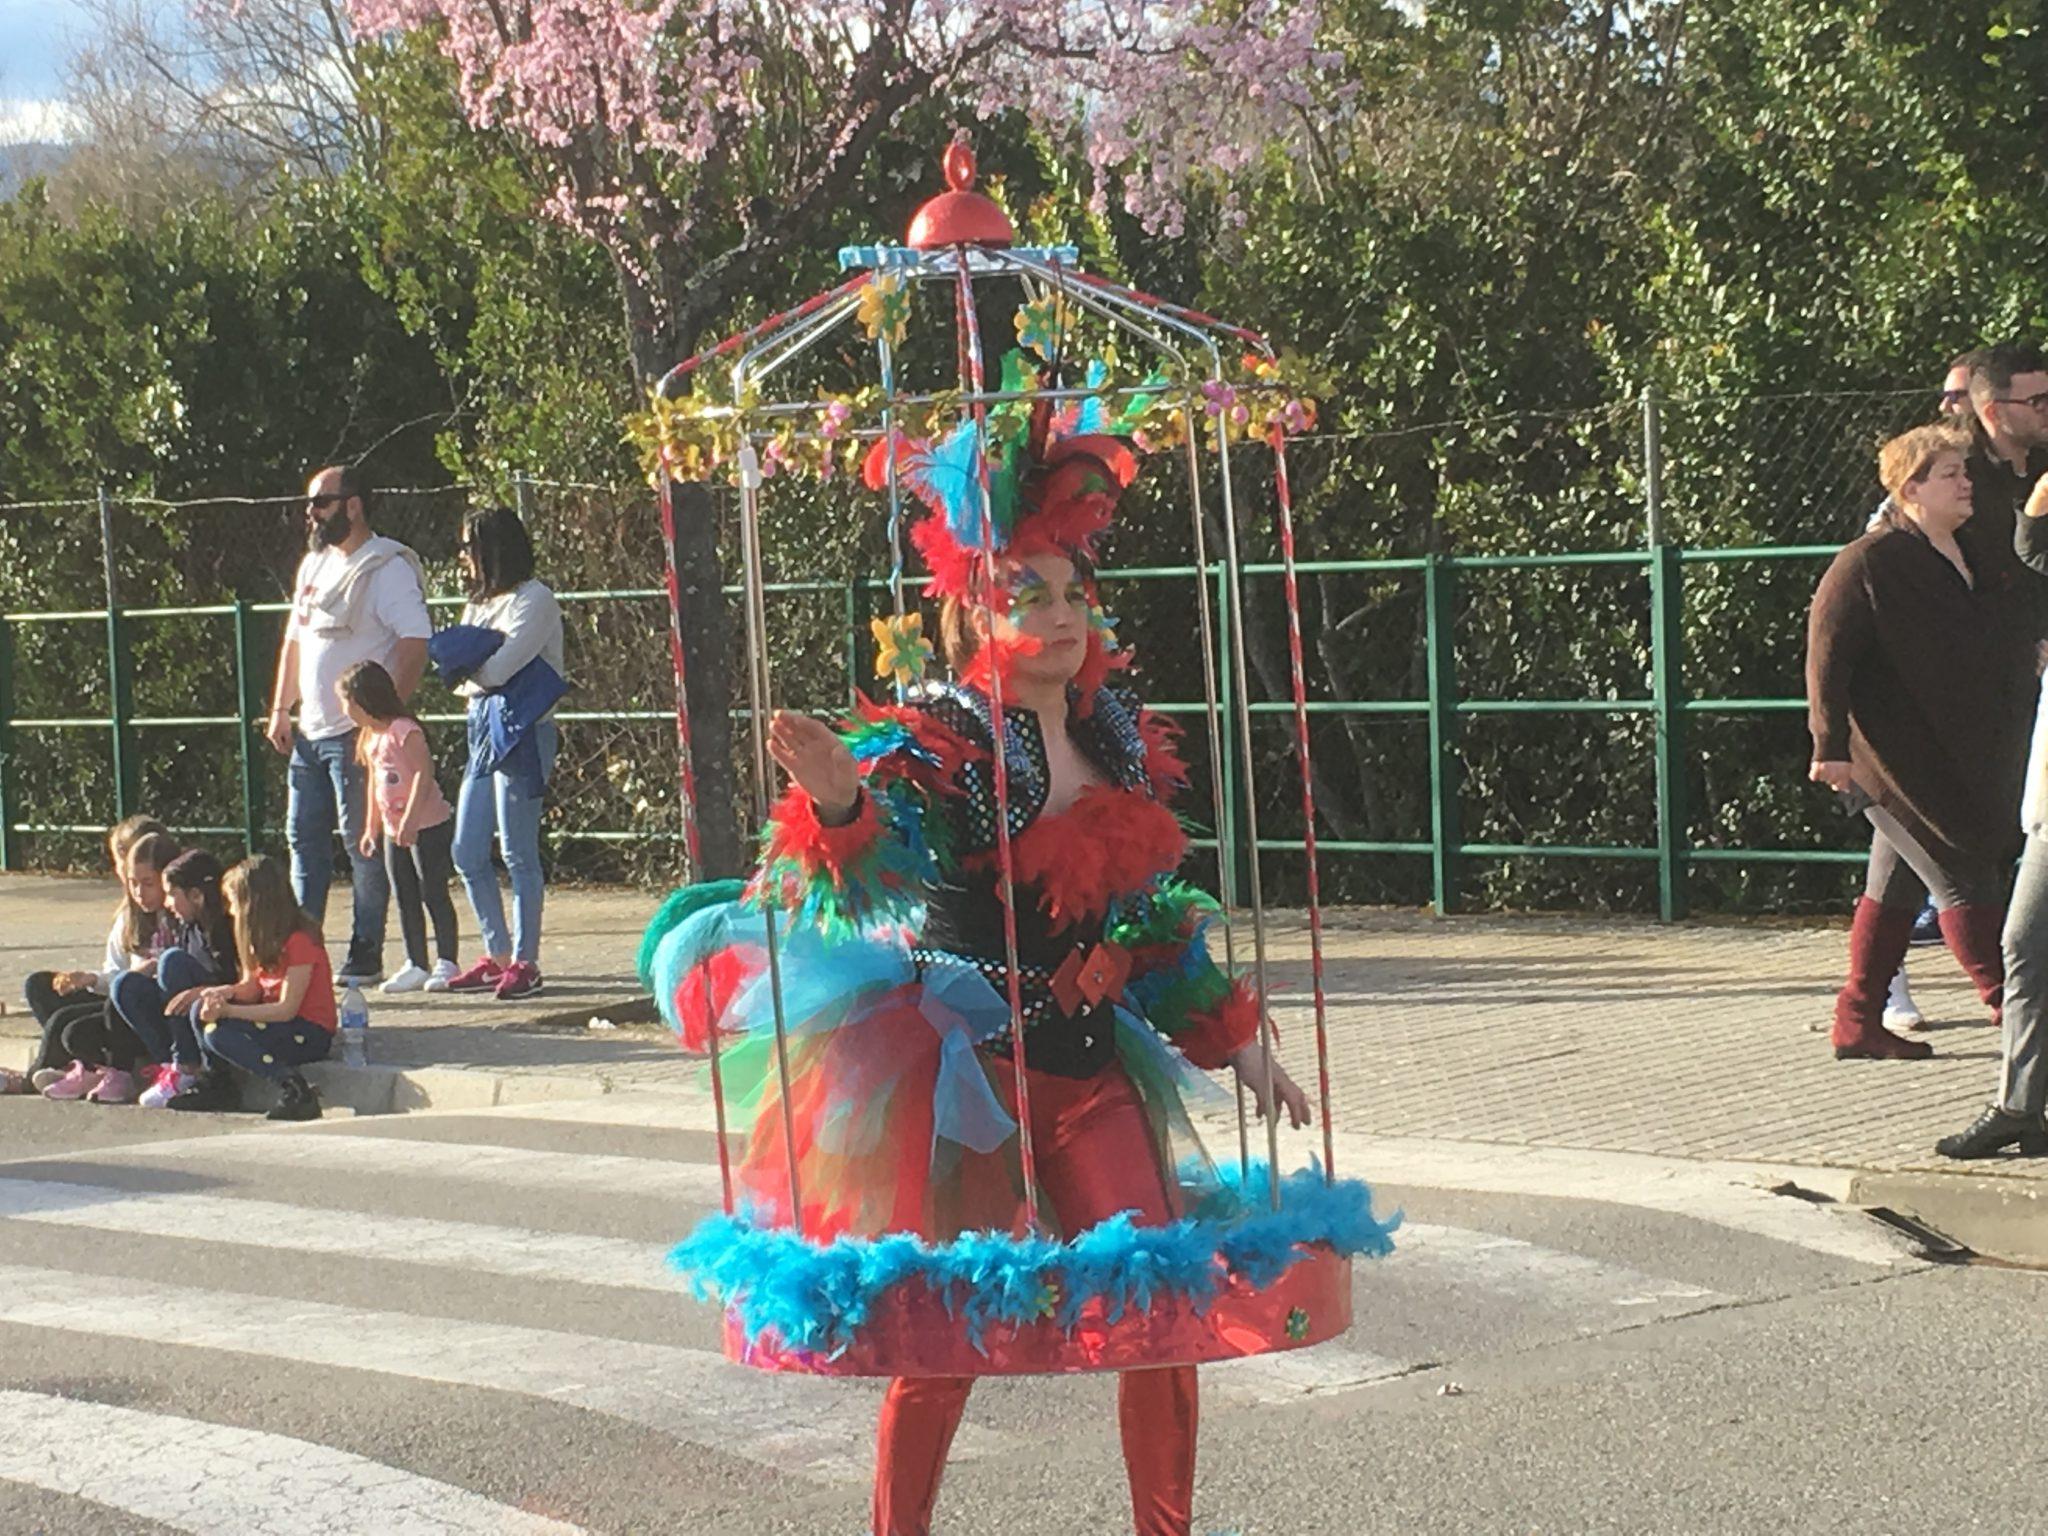 Desfile de Carnaval Cubillos del Sil 2019 - Álbum de fotos 16